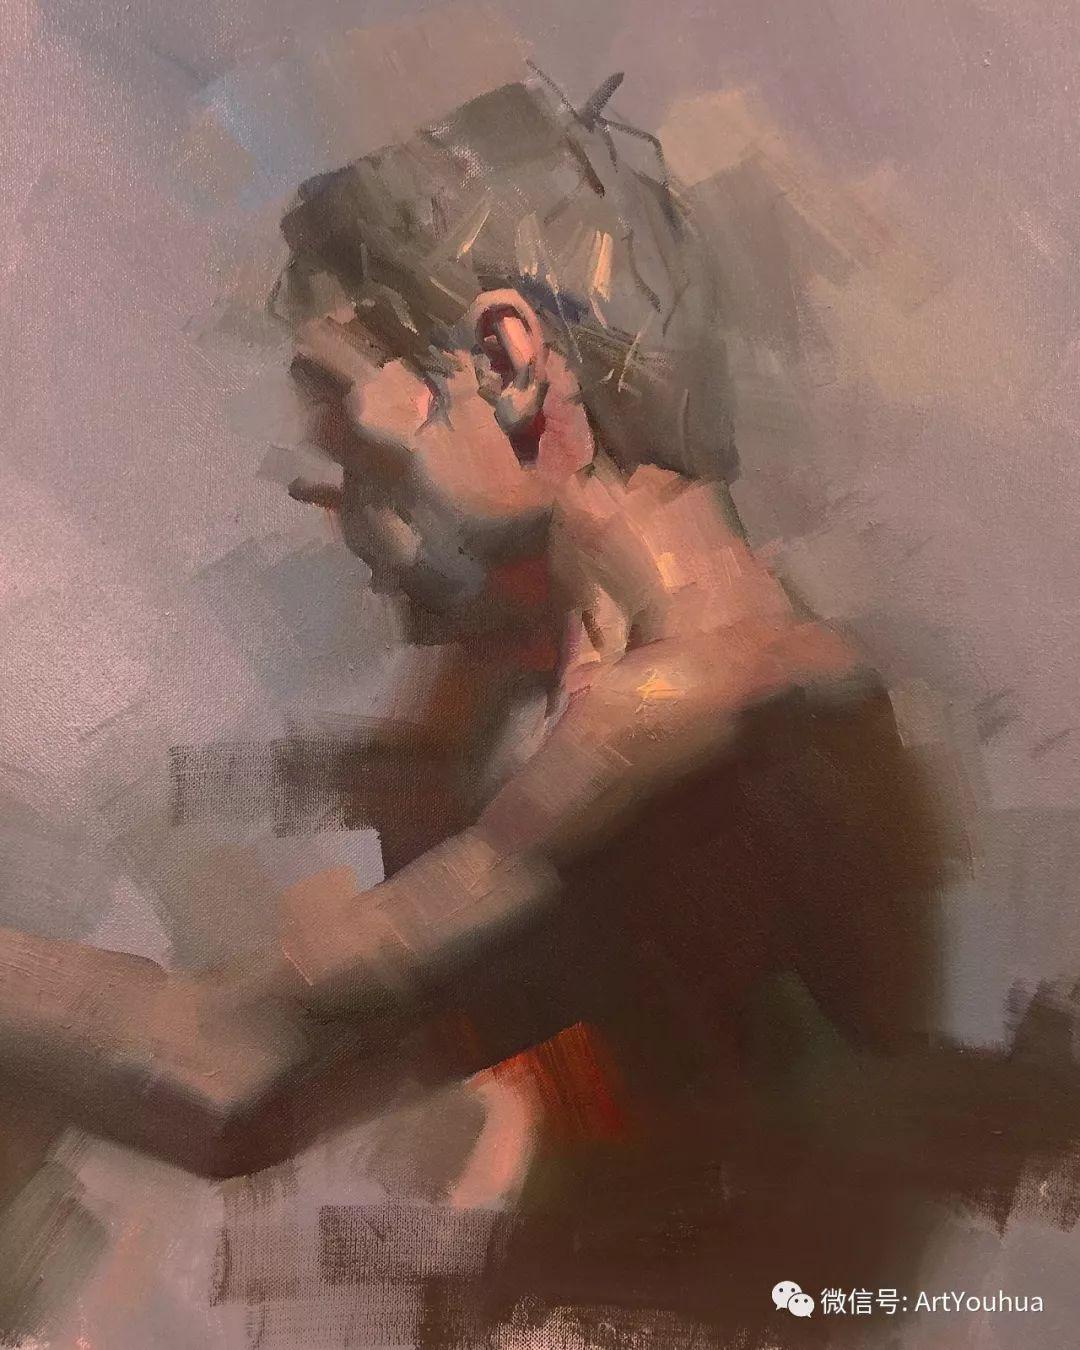 他的人物肖像绘画独具一格 还是位80后画家插图15